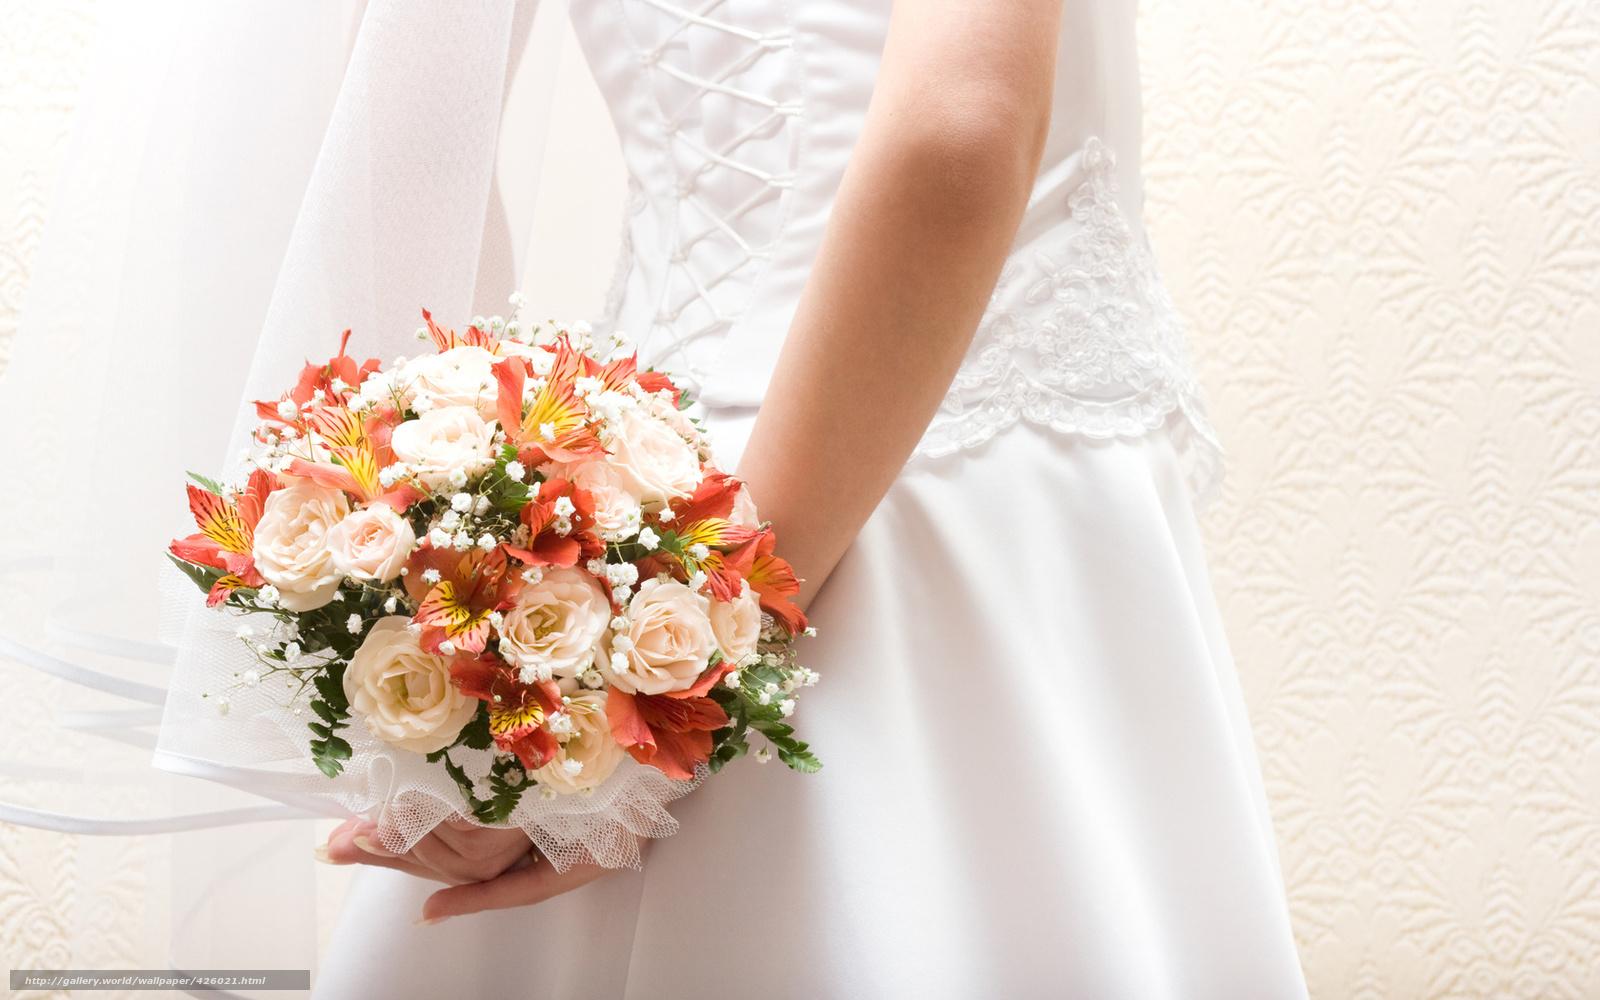 Скачать обои невеста,  платье,  фата,  шнуровка бесплатно для рабочего стола в разрешении 1680x1050 — картинка №426021